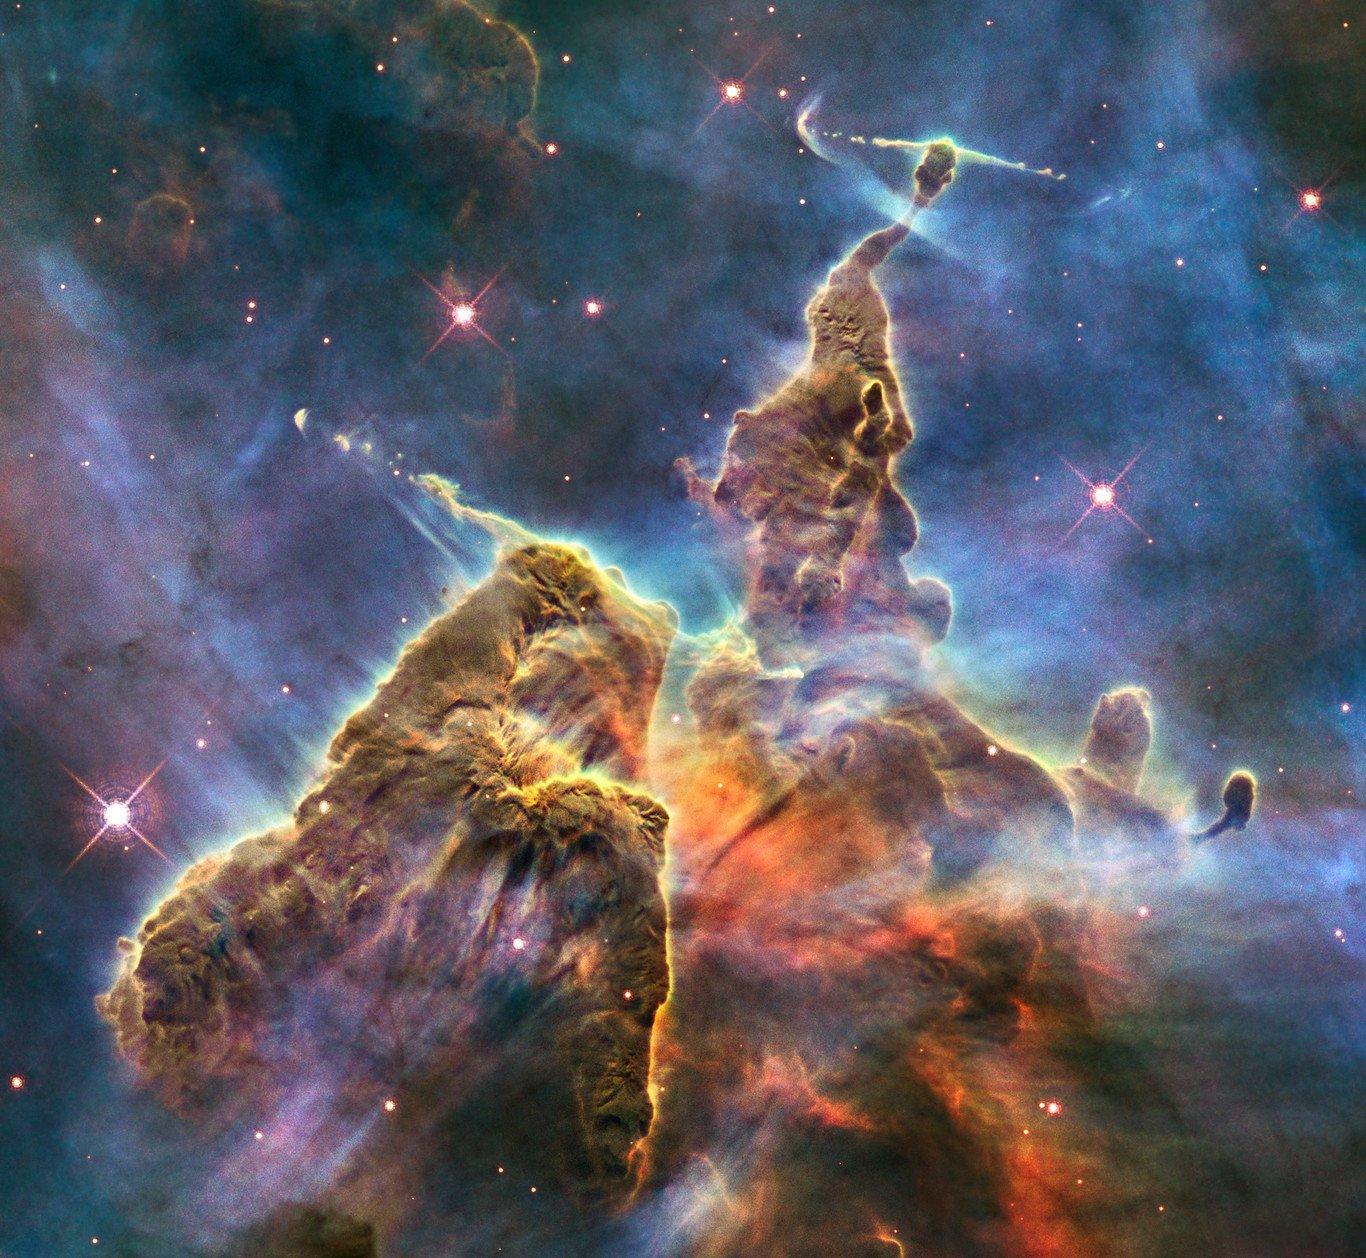 Tinh vân Carina cách Trái đất 7.500 năm ánh sáng. (Ảnh: Hubble Space Telescope)